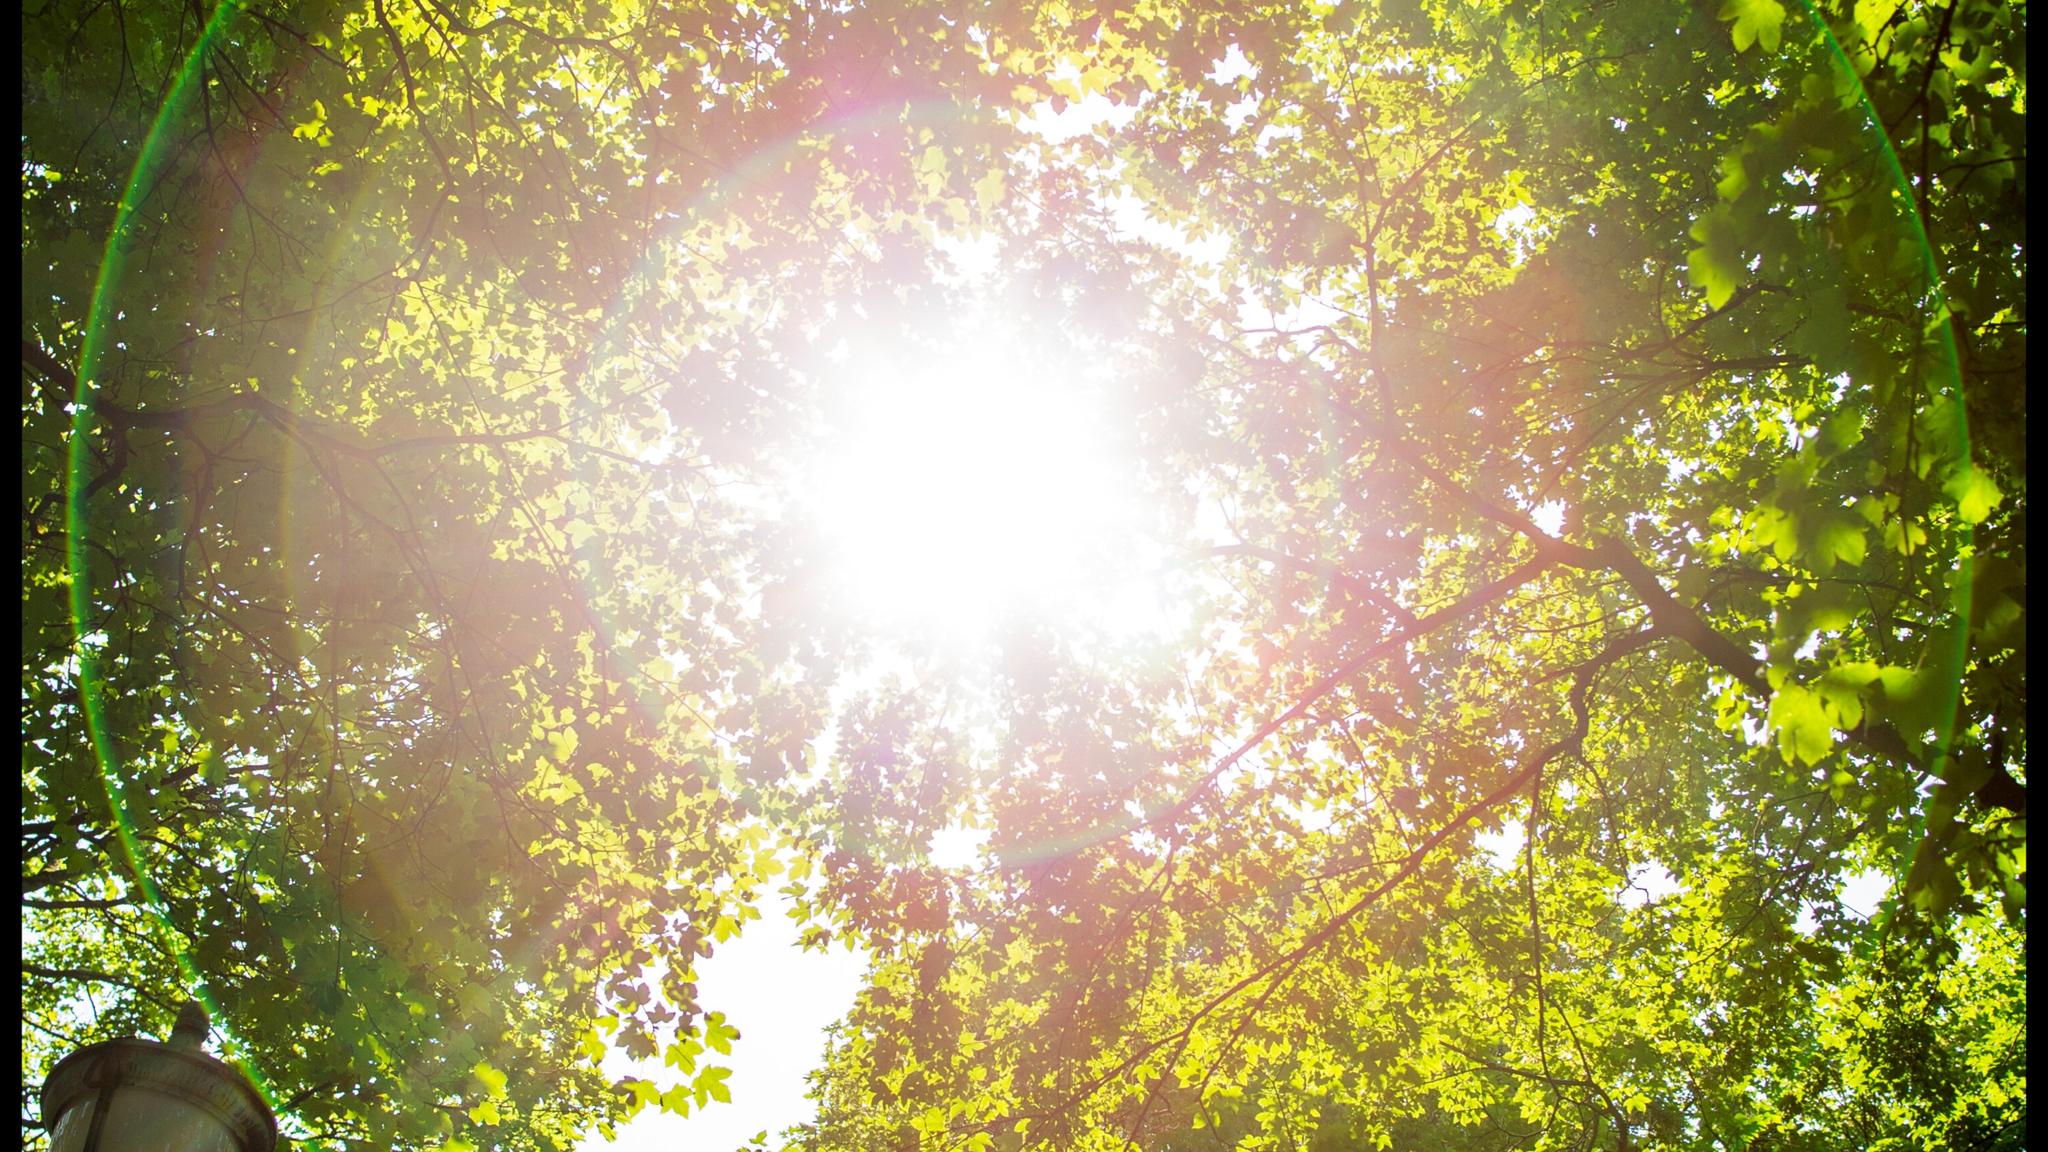 Sommarsol som silar genom ett träds lövverk.